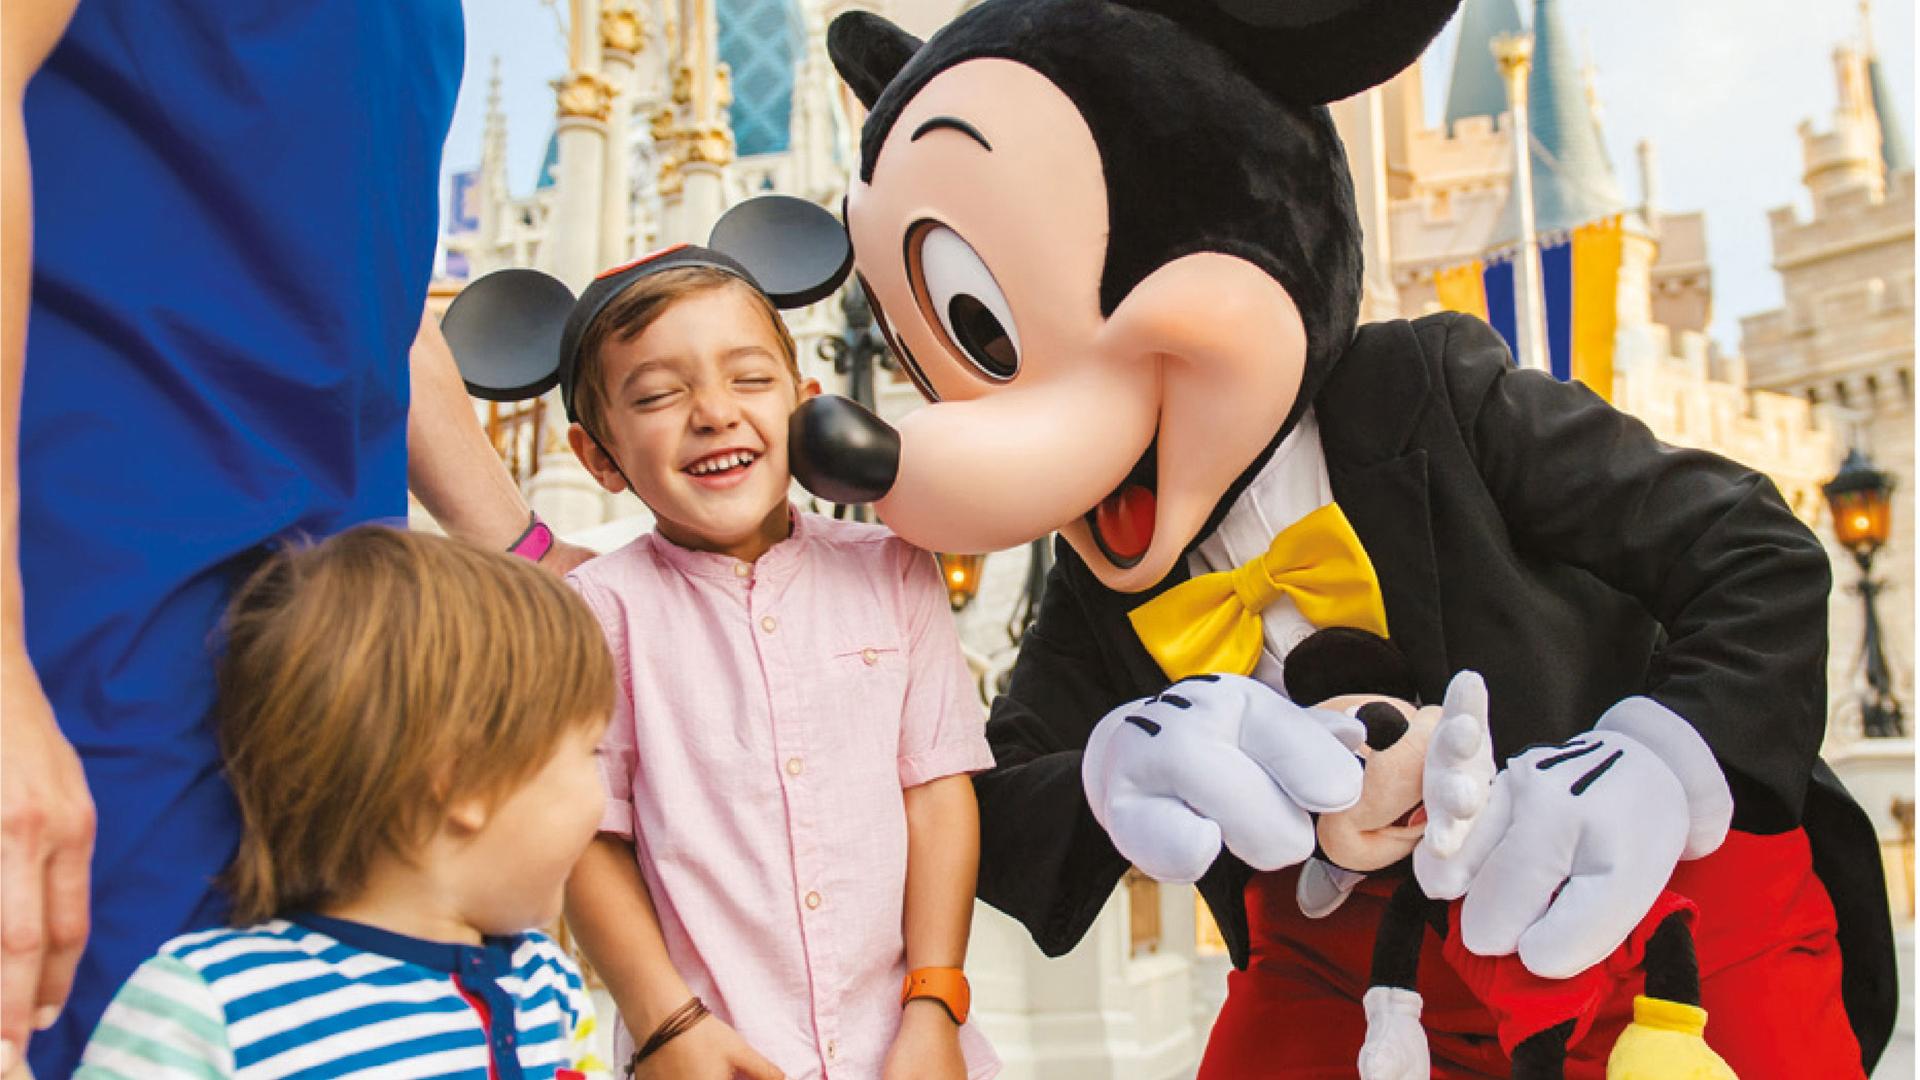 El beneficio ofrecido por ShoppingViajes sirve para reservas efectuadas desde el 3 de enero hasta el 24 de junio y del 5 de julio al 30 de septiembre (Disney).